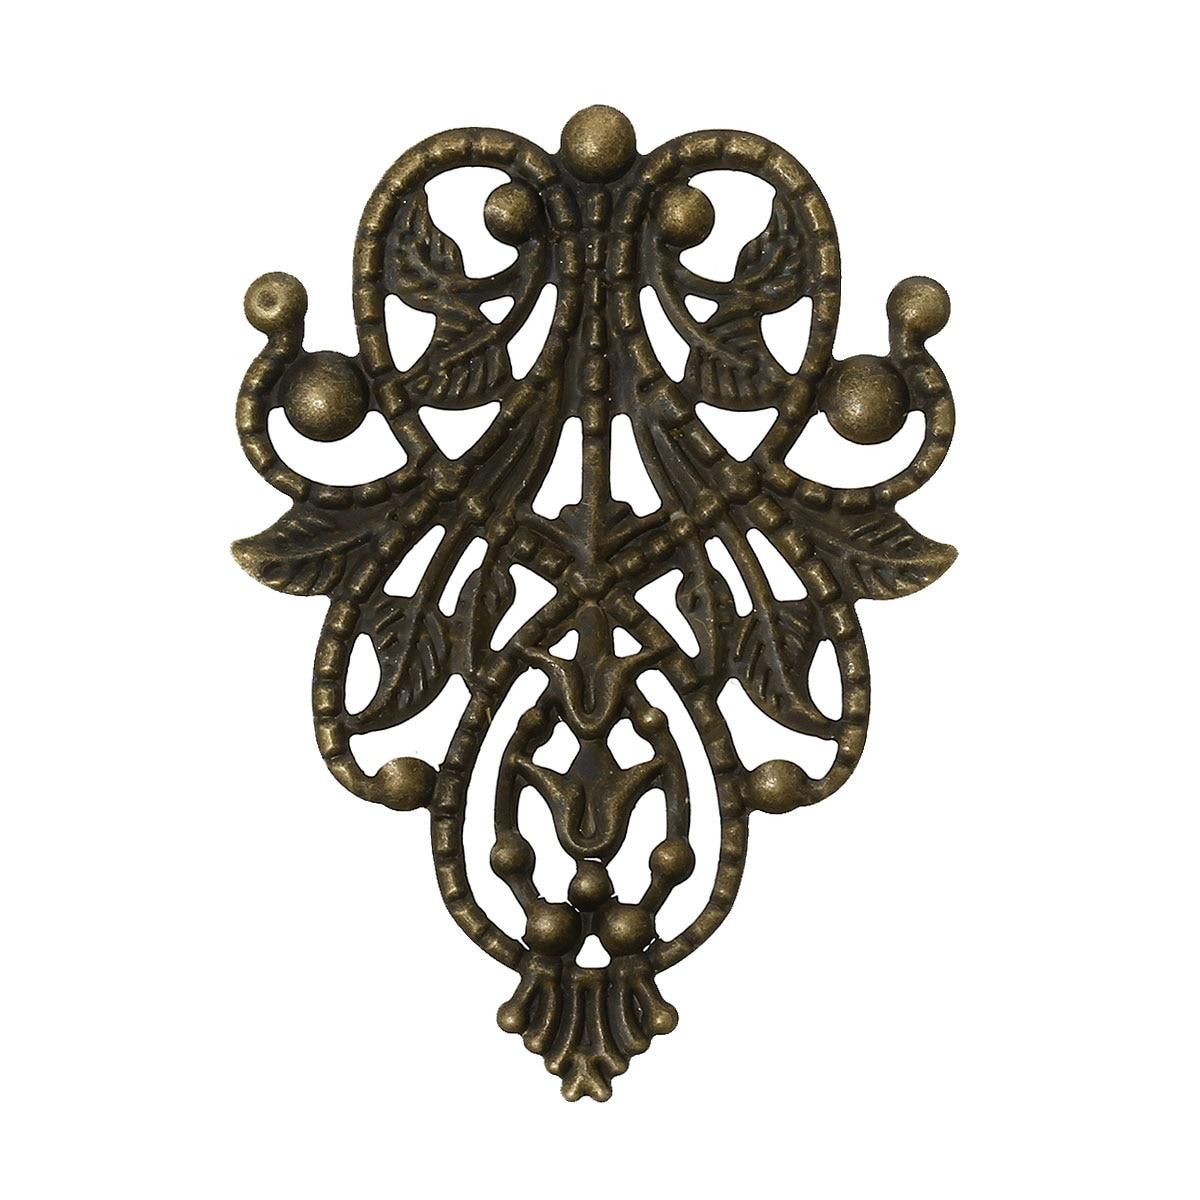 DoreenBeads Alloy Embellishments Findings Flower vine Antique Bronze 4.8cm(1 7/8) x 3.5cm(1 3/8), 7 PCs 2015 newDoreenBeads Alloy Embellishments Findings Flower vine Antique Bronze 4.8cm(1 7/8) x 3.5cm(1 3/8), 7 PCs 2015 new